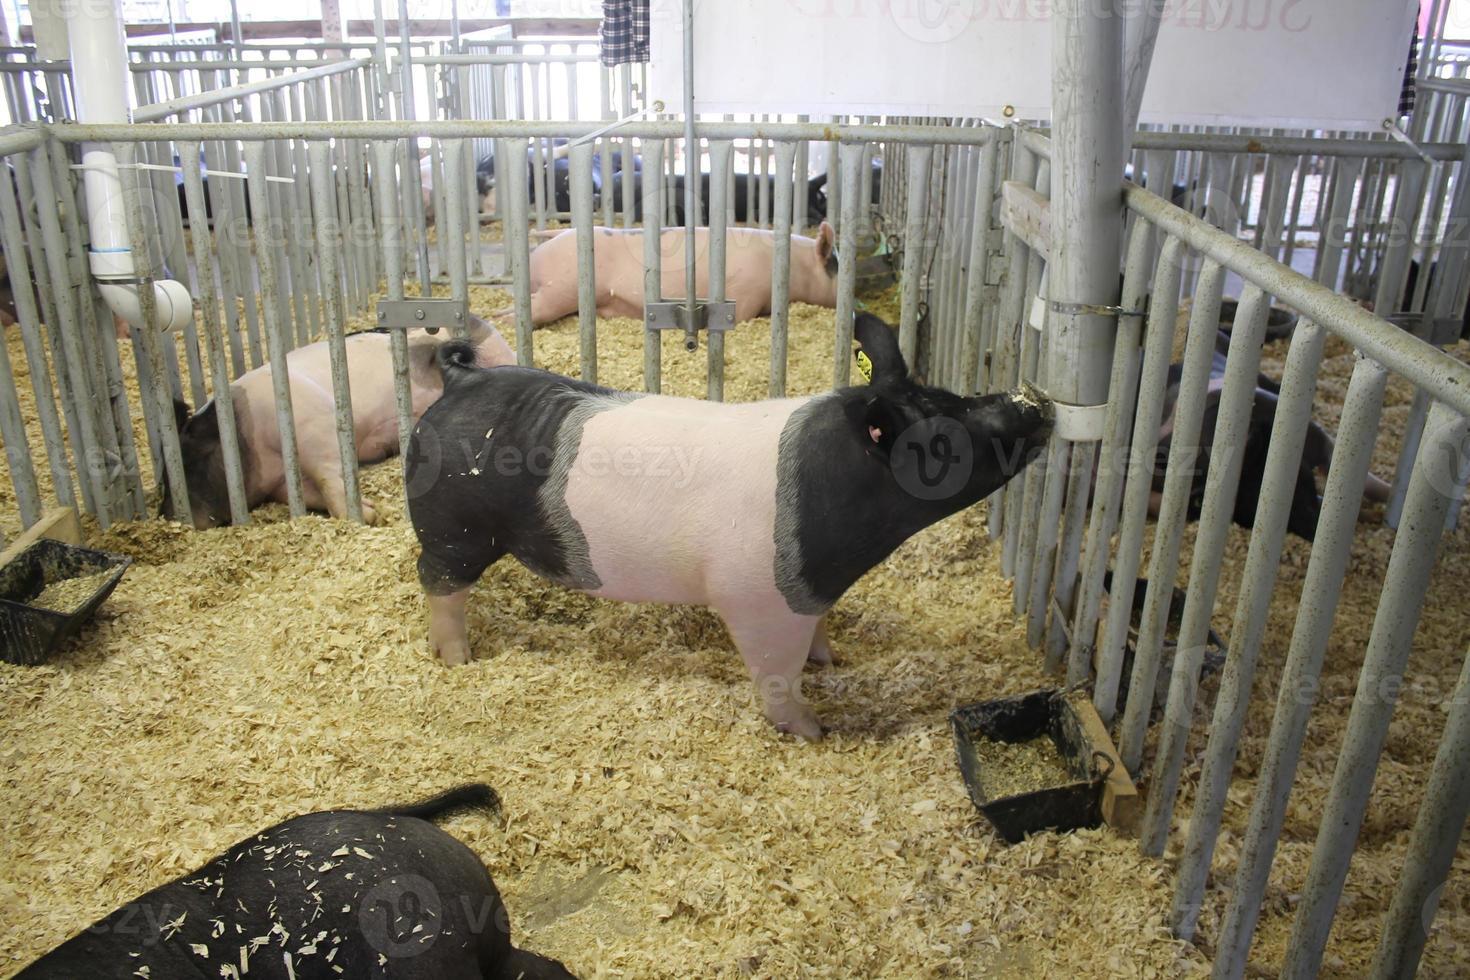 Schwein bekommt Wasser zu trinken foto